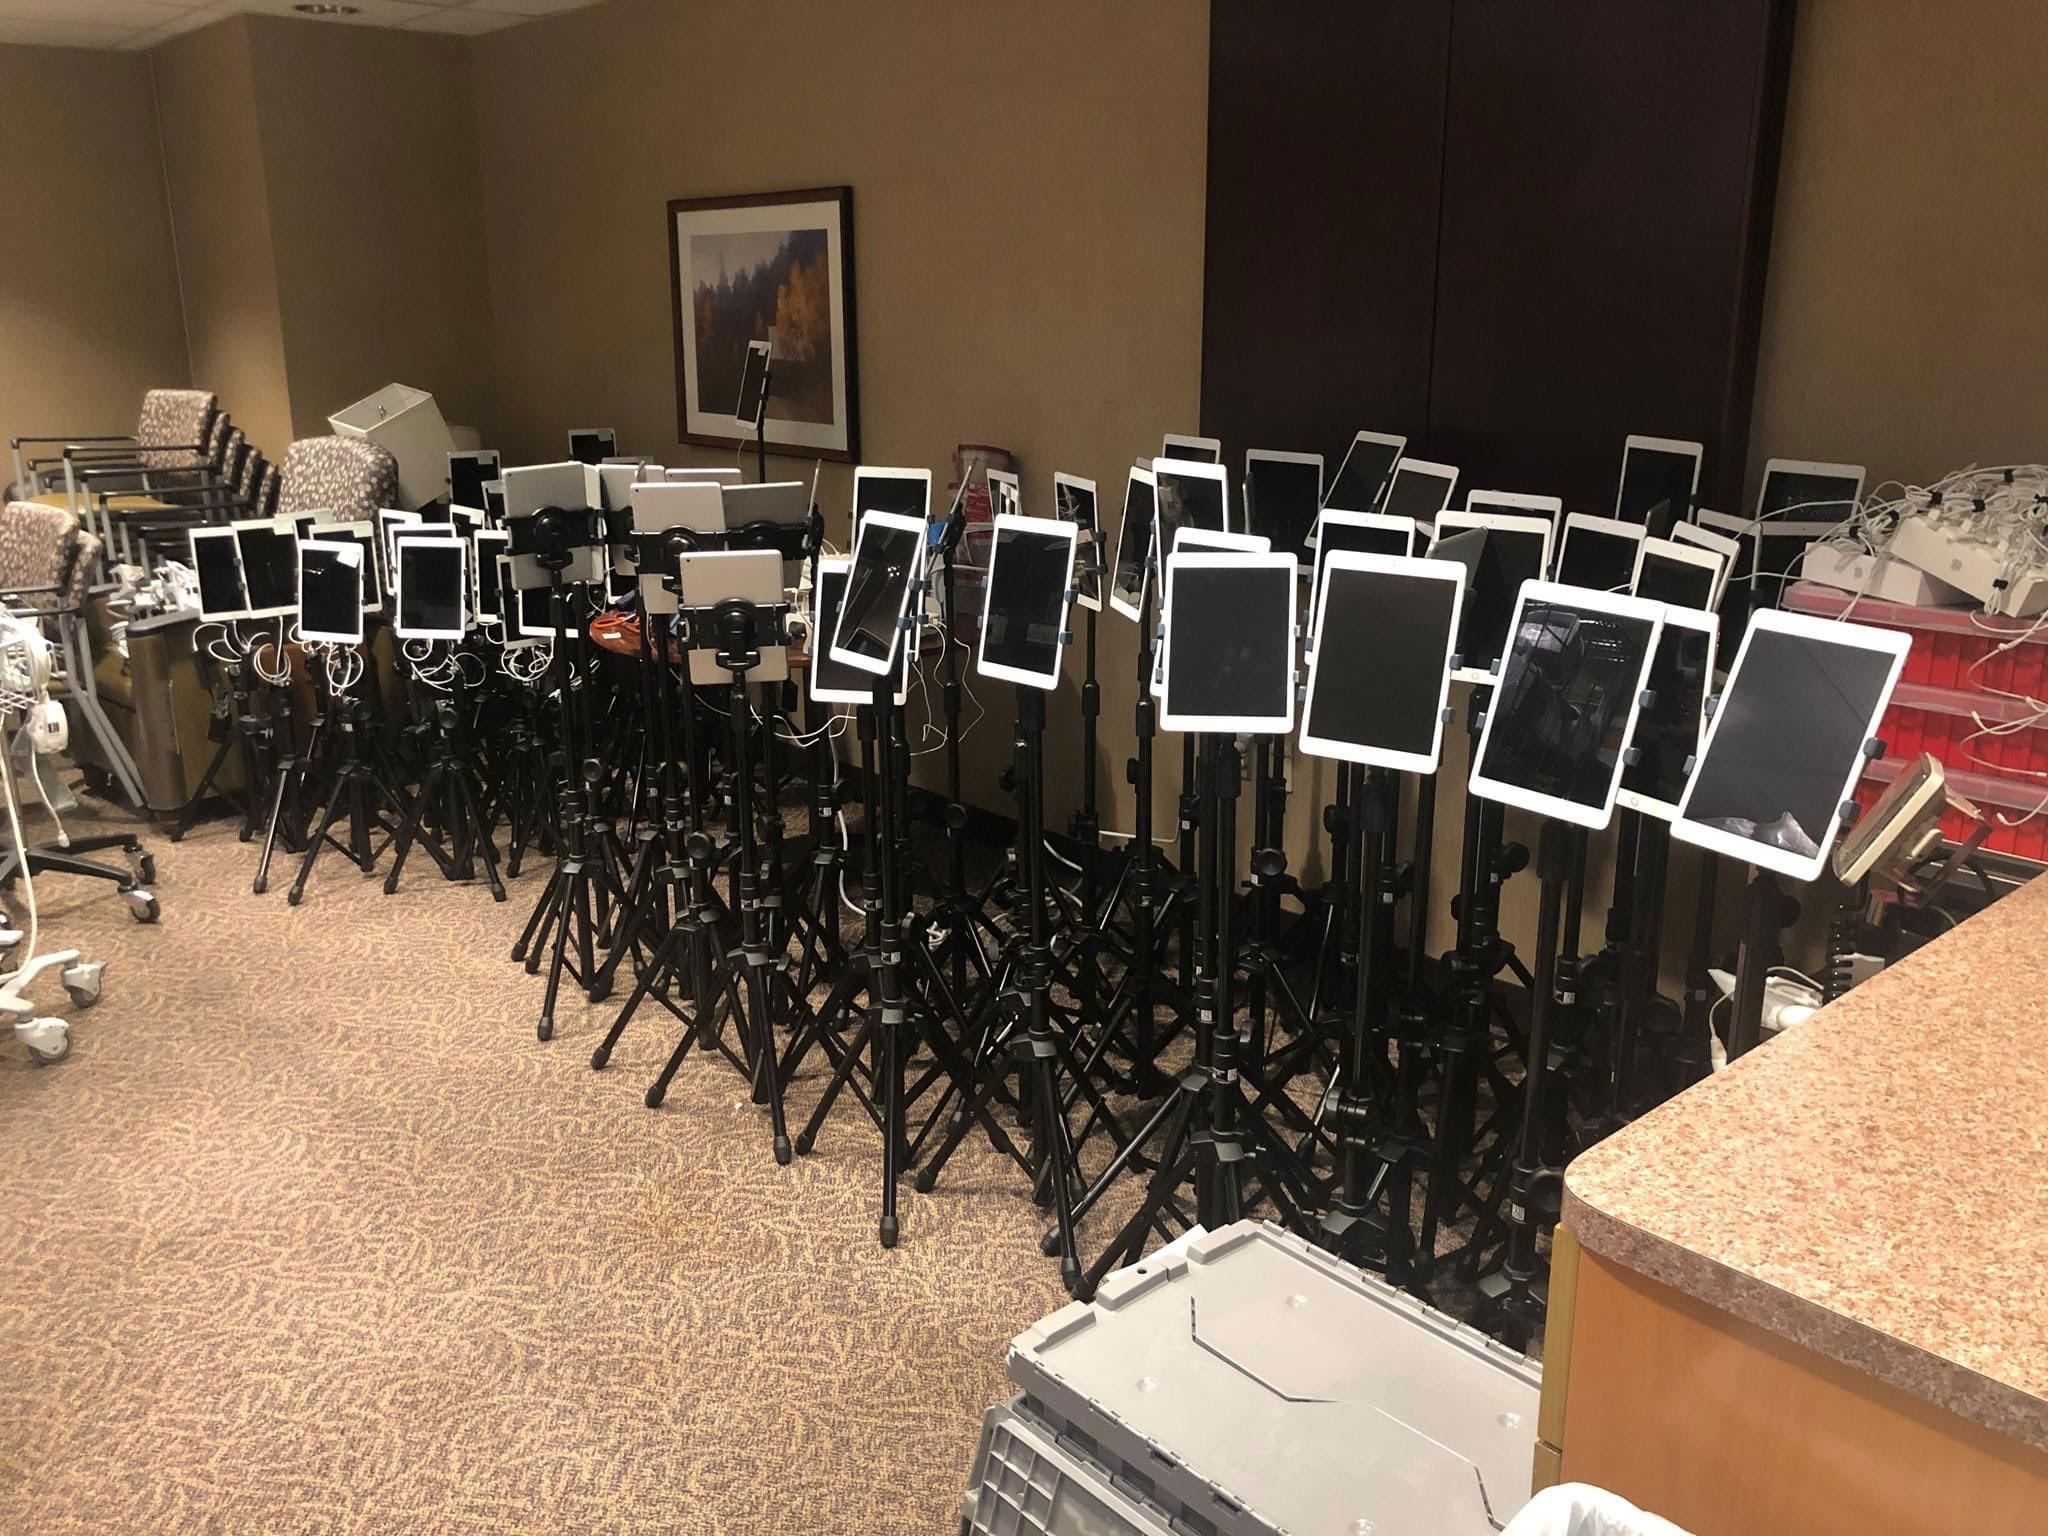 Φωτογραφία «γροθιά» στο στομάχι: Δεκάδες iPad έξω από ΜΕΘ για το τελευταίο αντίο